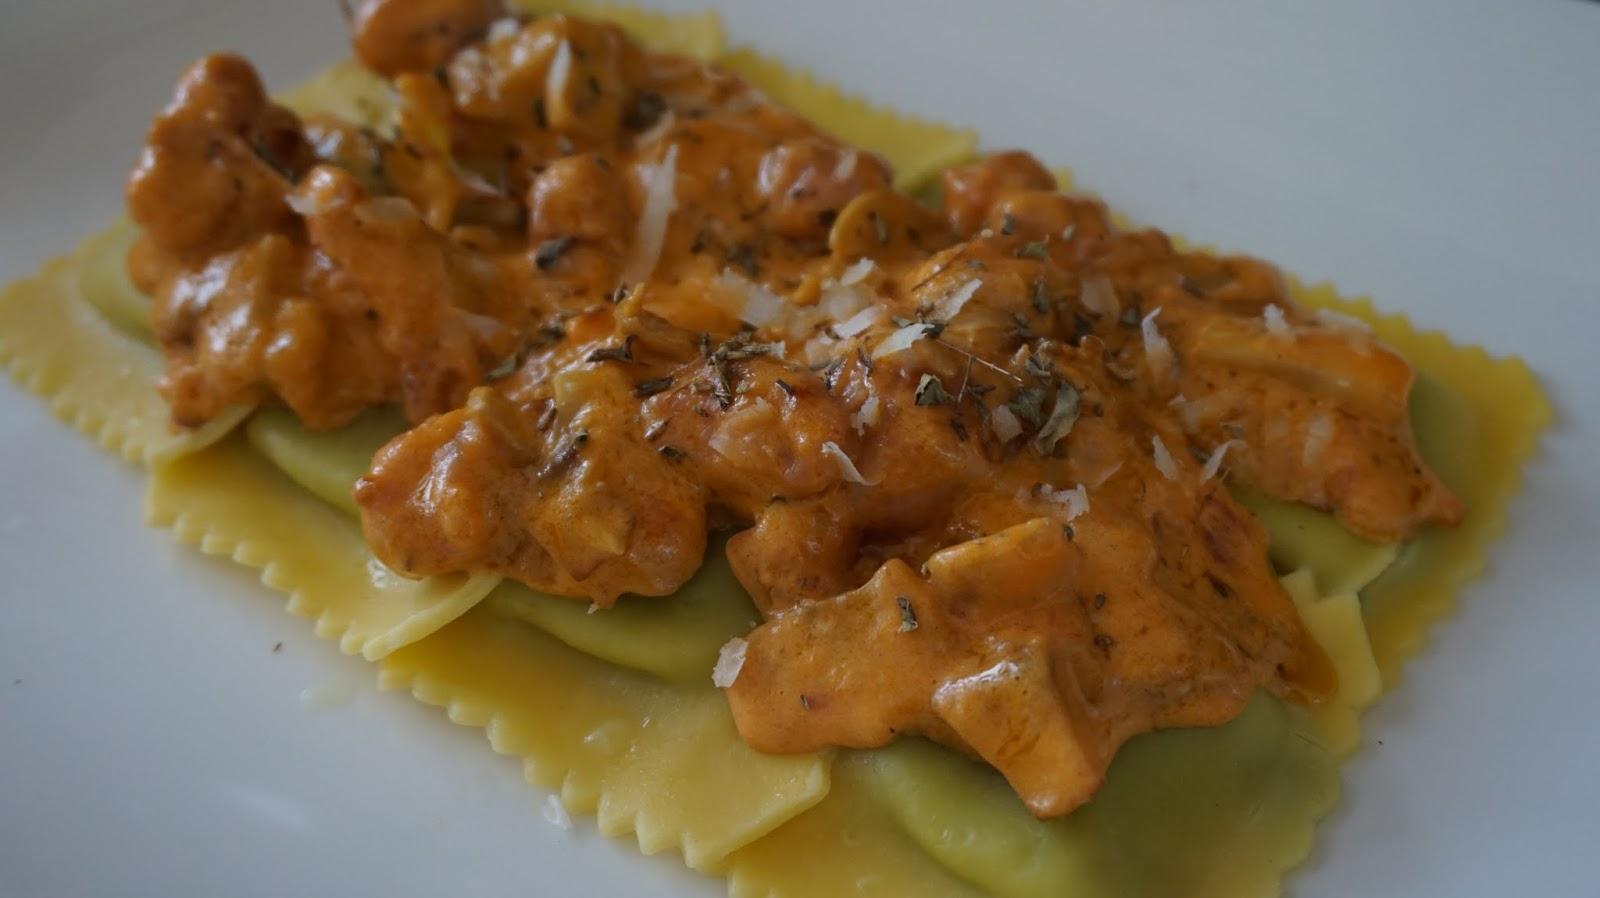 Cocinando con las bollis raviolis de ricotta e spinaci - Salsa de tomate y nata ...